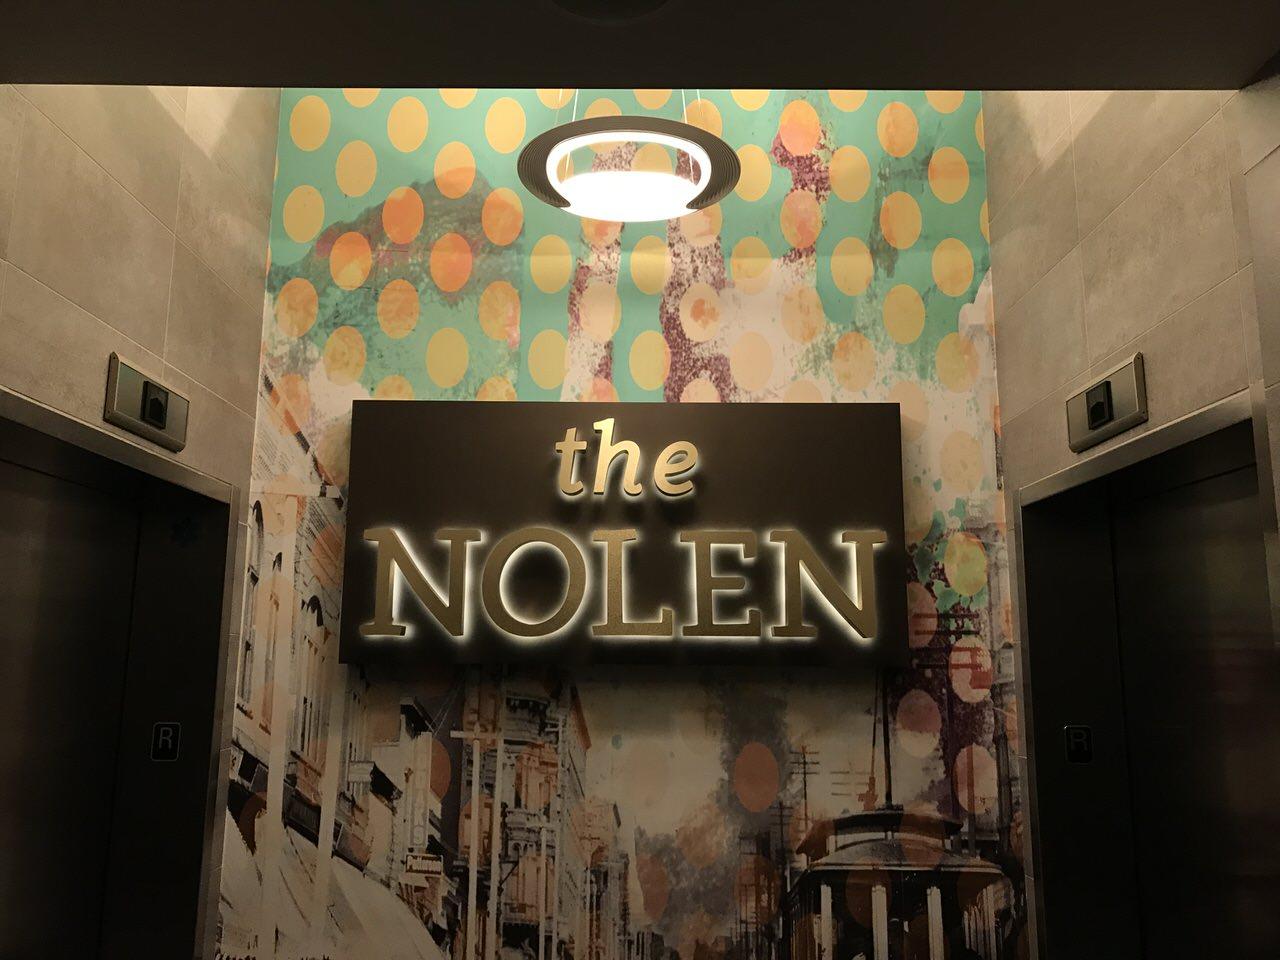 「The Nolen」ルーフトップからサンディエゴの街を一望できるお洒落バー #AdobeMAX